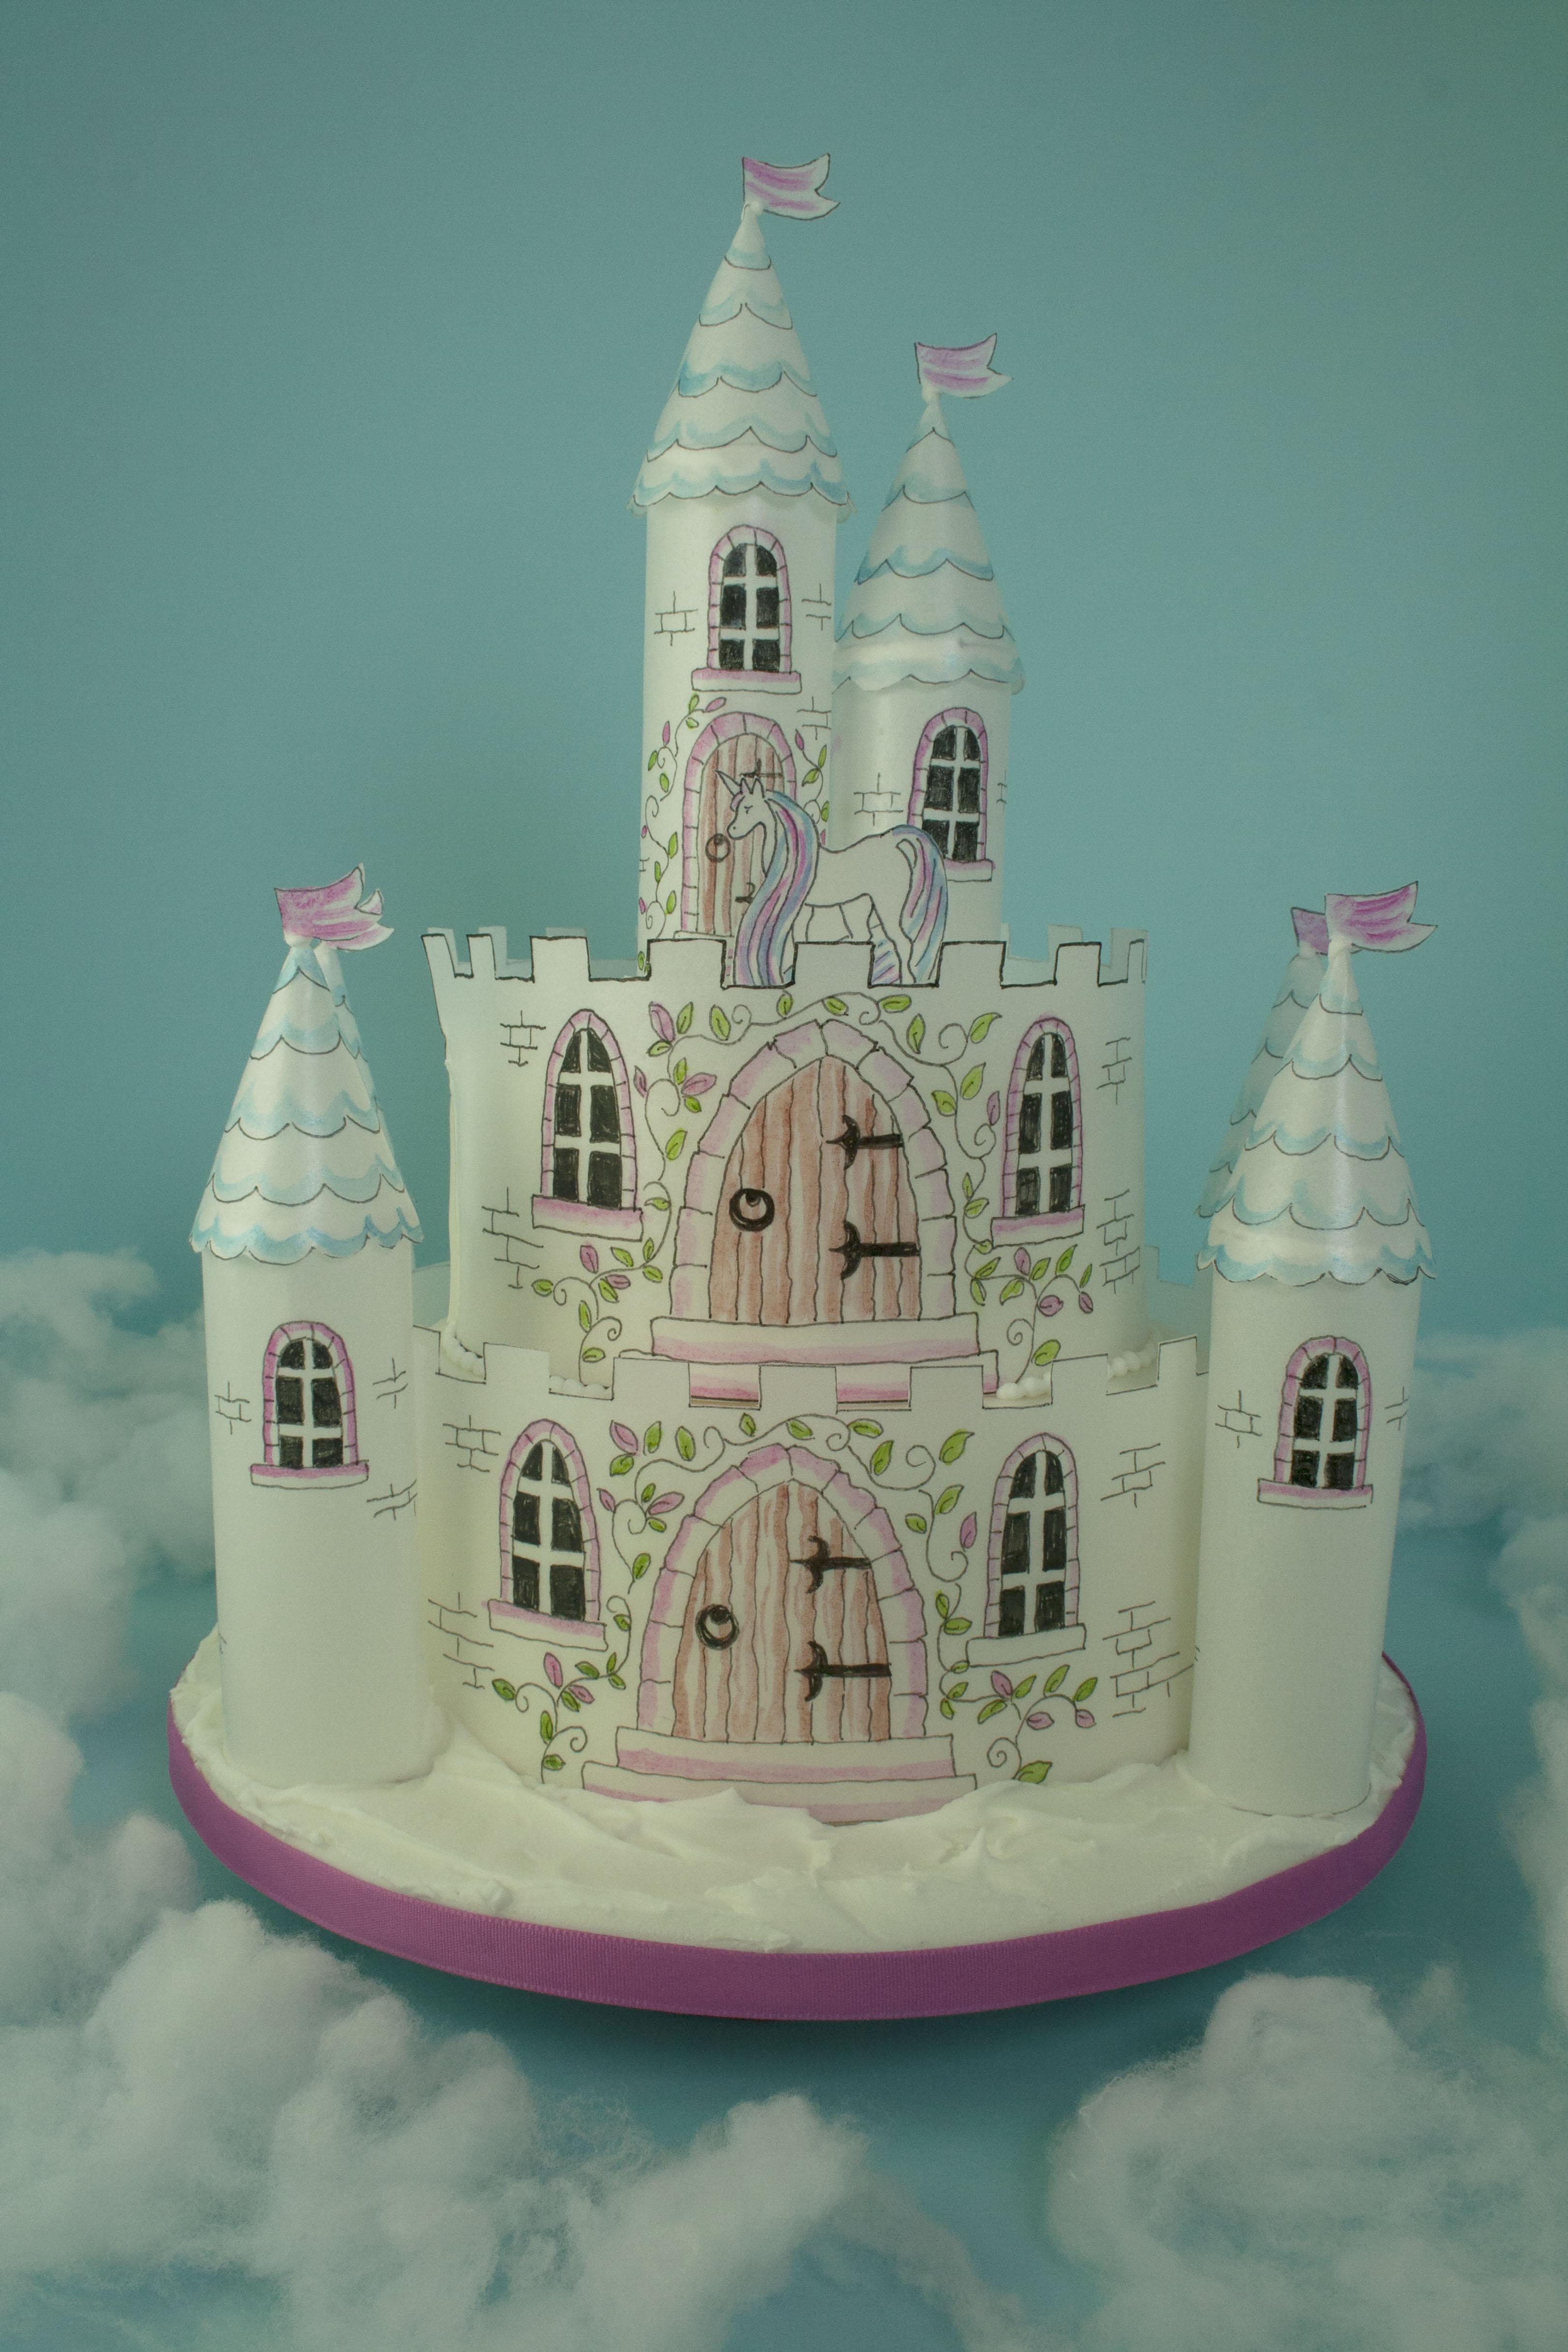 https://caroldeaconcakes.com/wafer-castle/